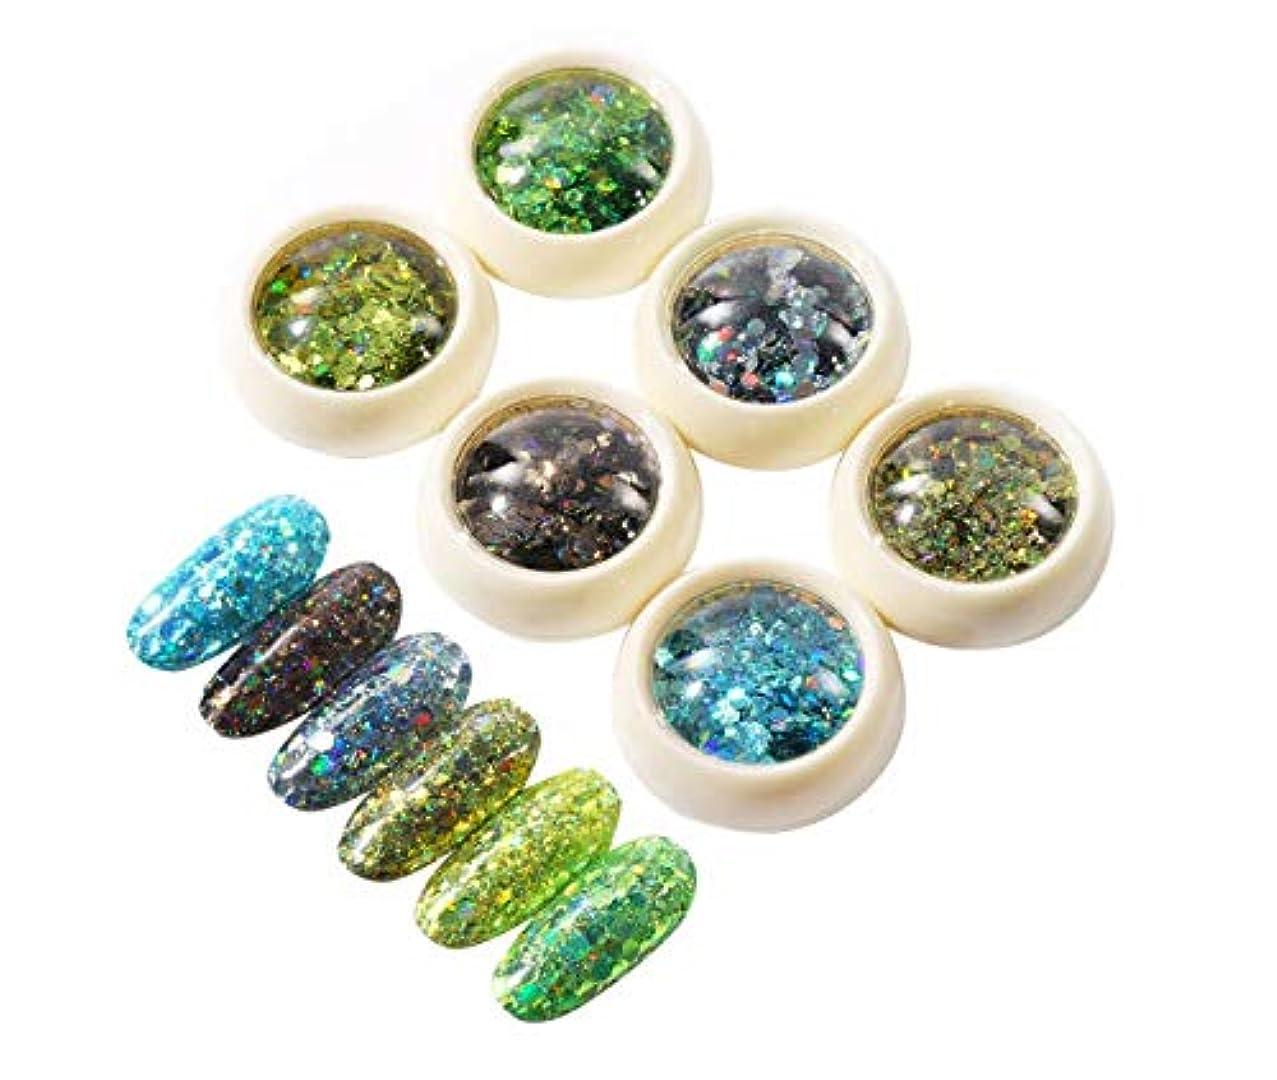 ブラシマスクページTianmey 3Dネイルアート混合Glittertネイルパウダーネイルズ粉塵マニキュアネイルアートの装飾チャームアクセサリーを輝きます (Color : Diamond Green Series)